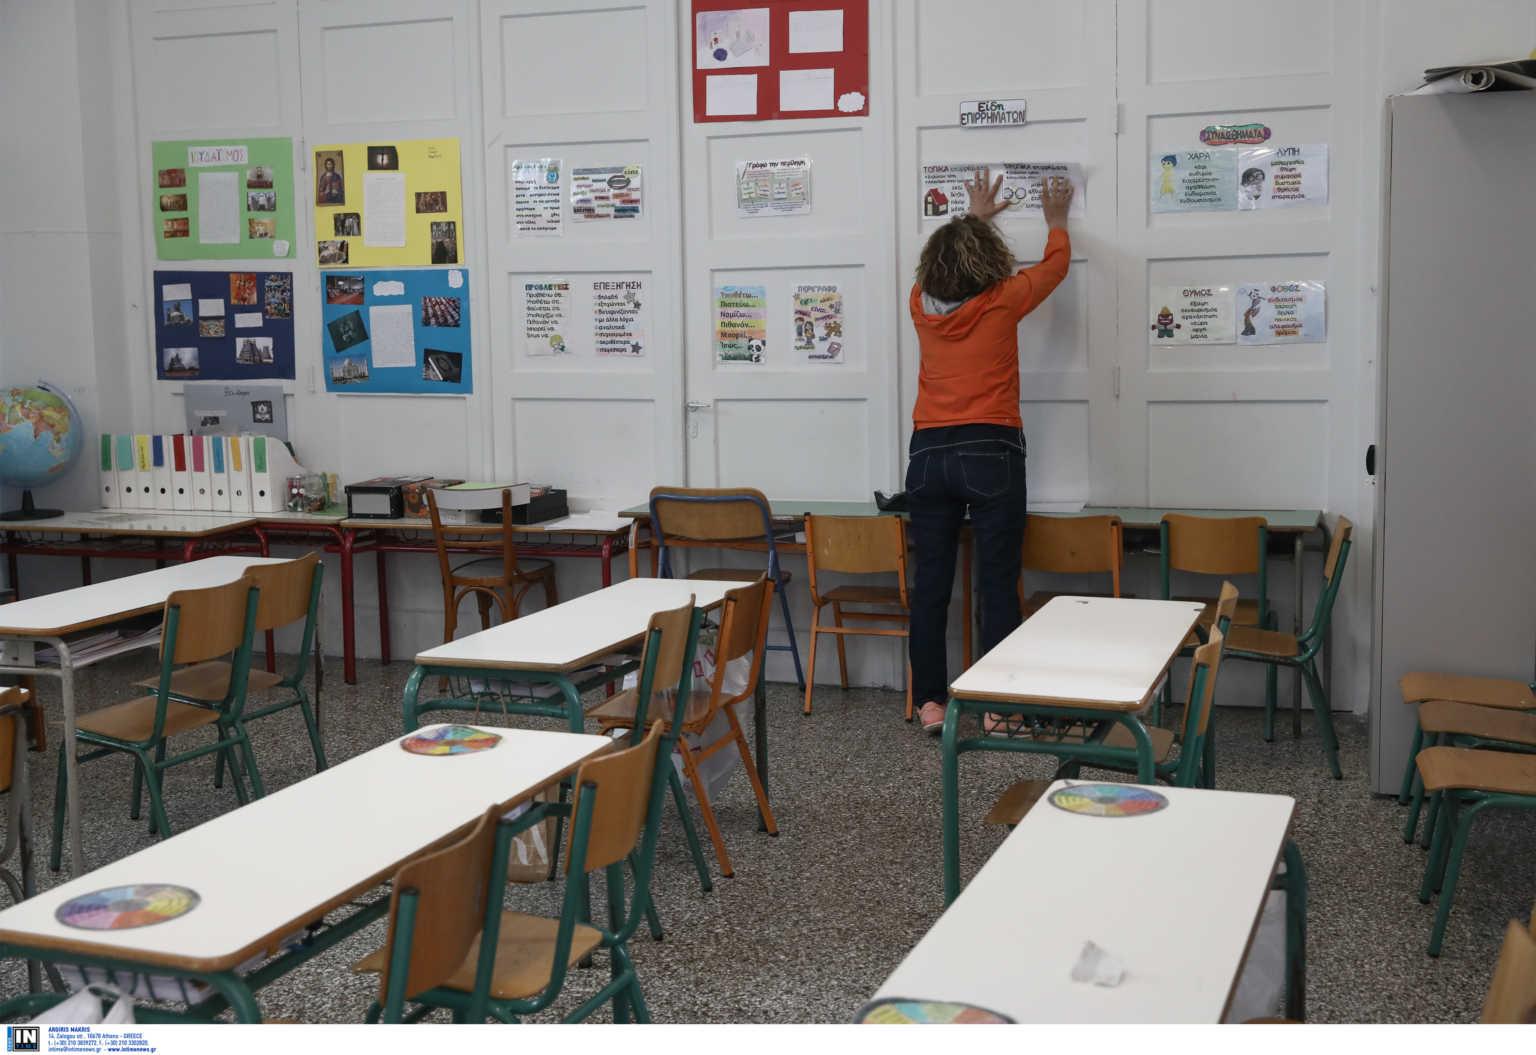 Προσοχή: Ποια Δημοτικά σχολεία είναι κλειστά σχολεία την Παρασκευή 13/11 λόγω κορονοϊού